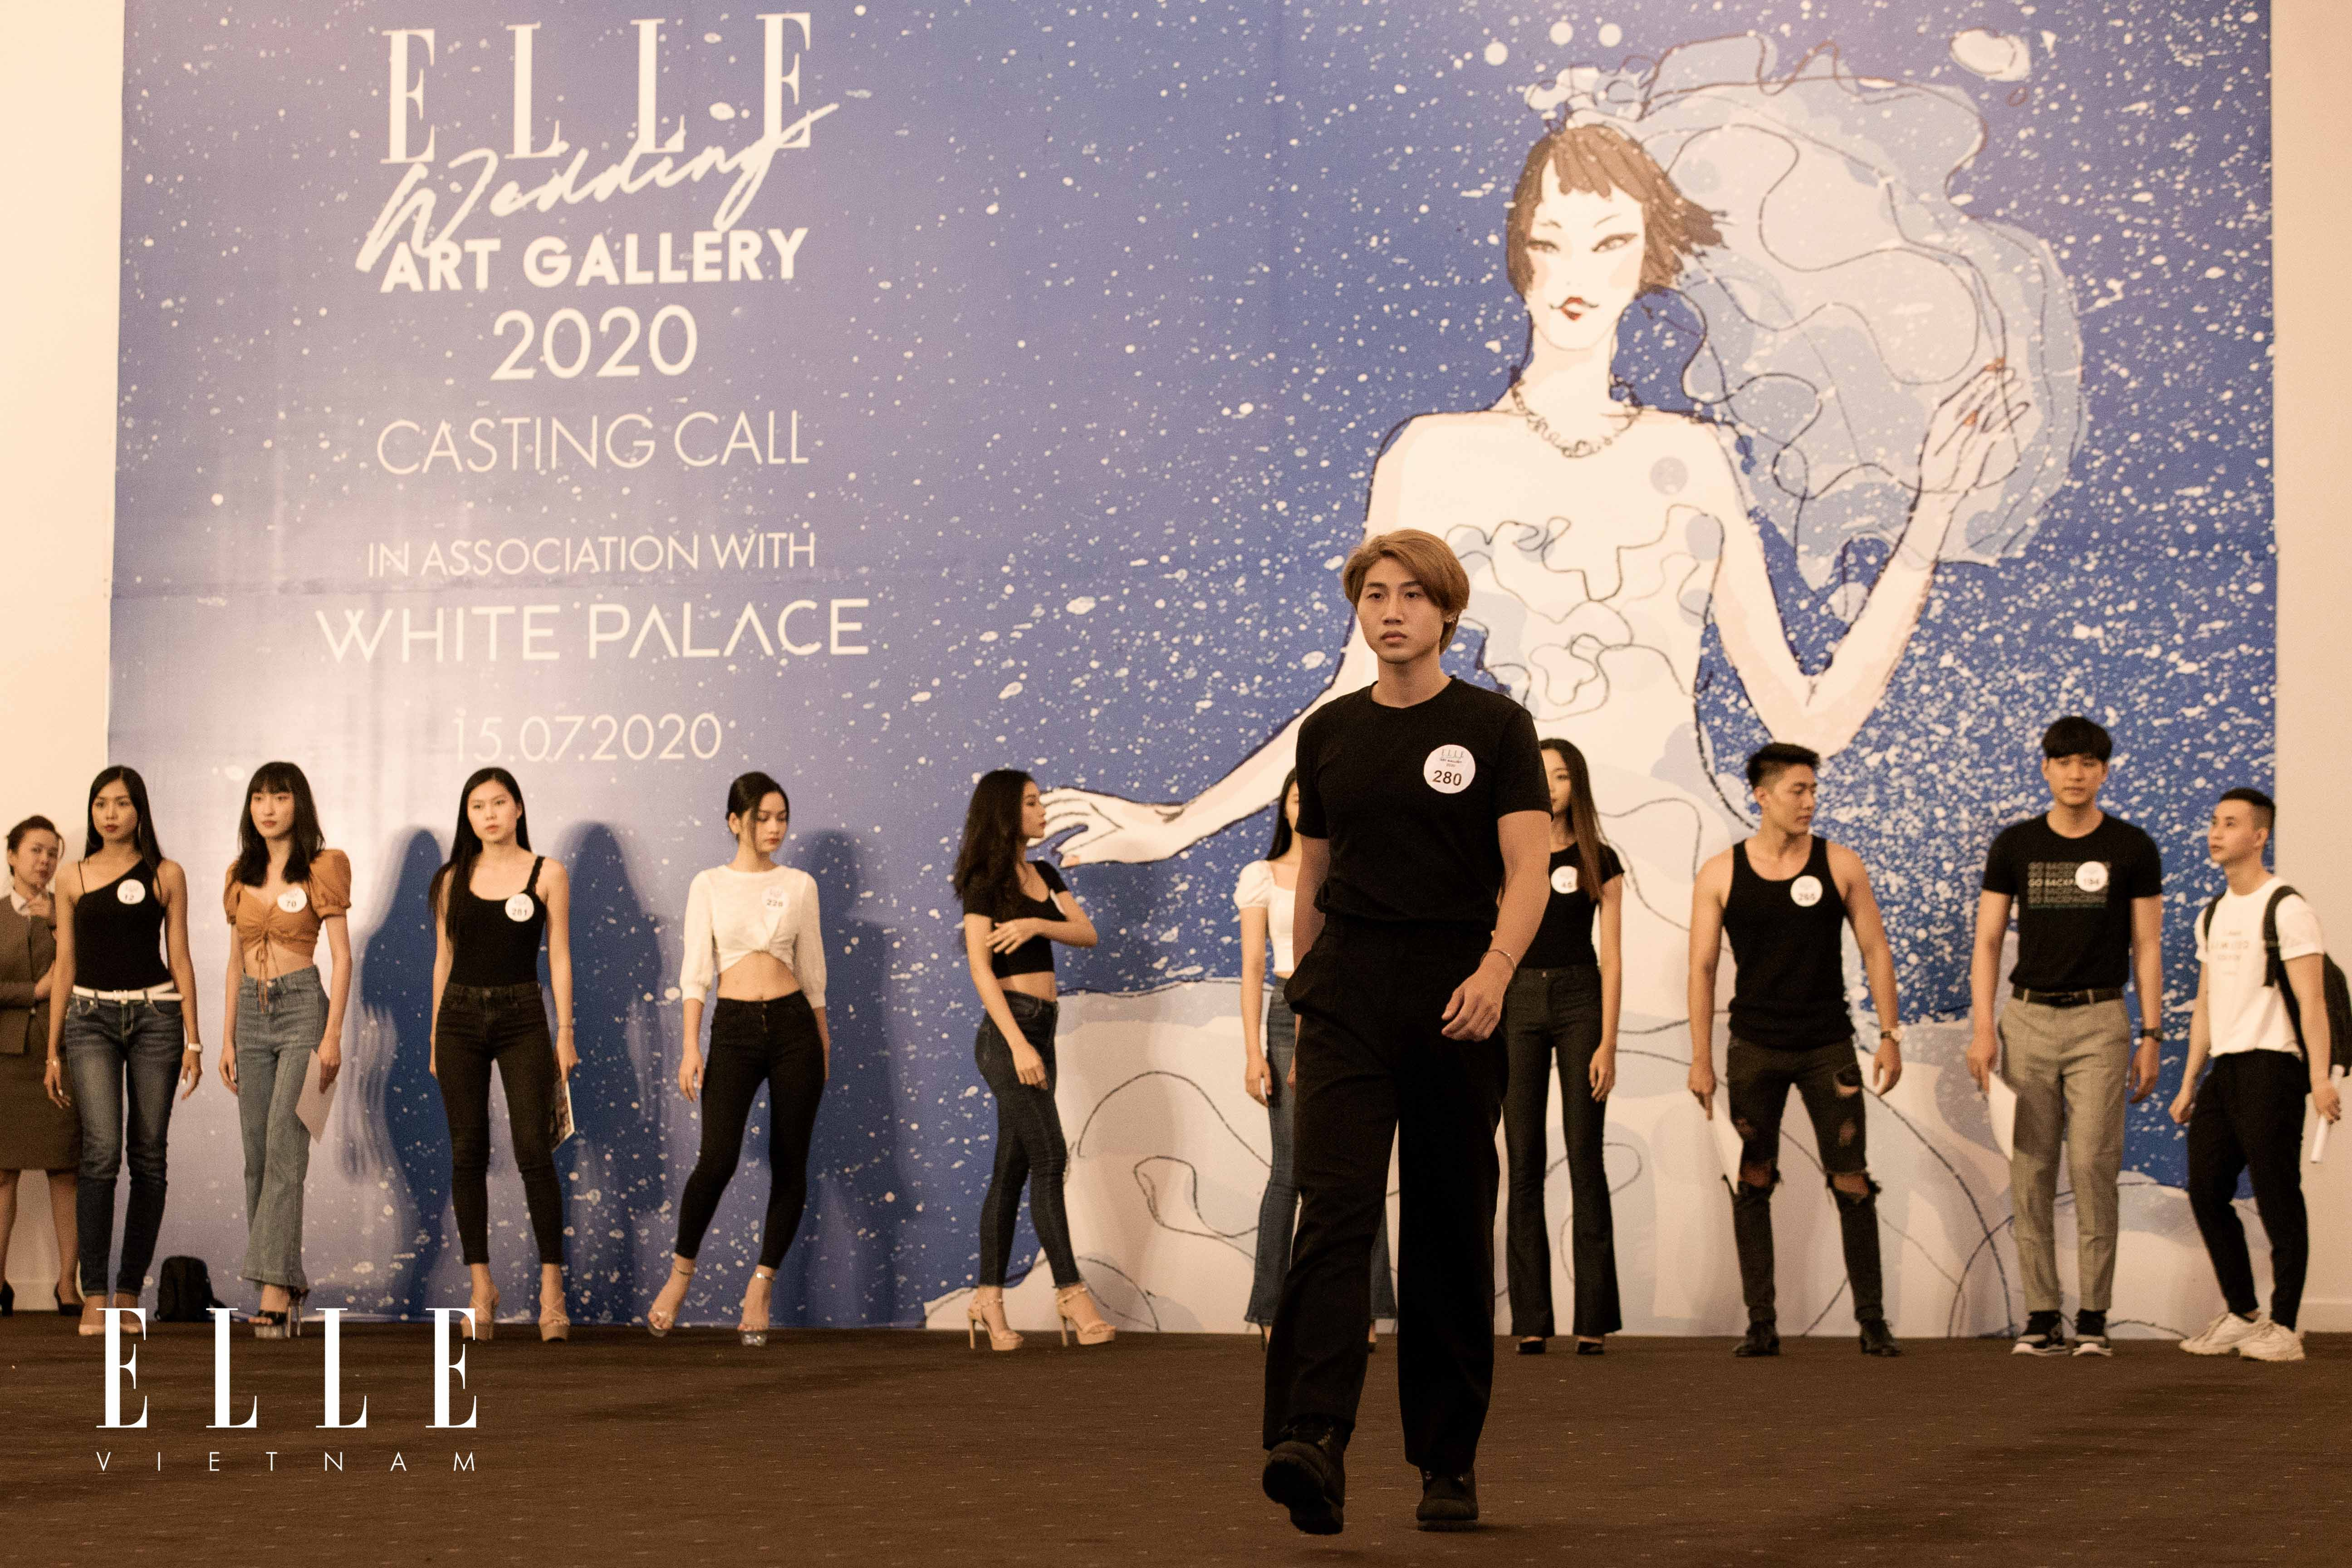 buổi casting người mẫu cho elle wedding art gallery 2020 tại white palace